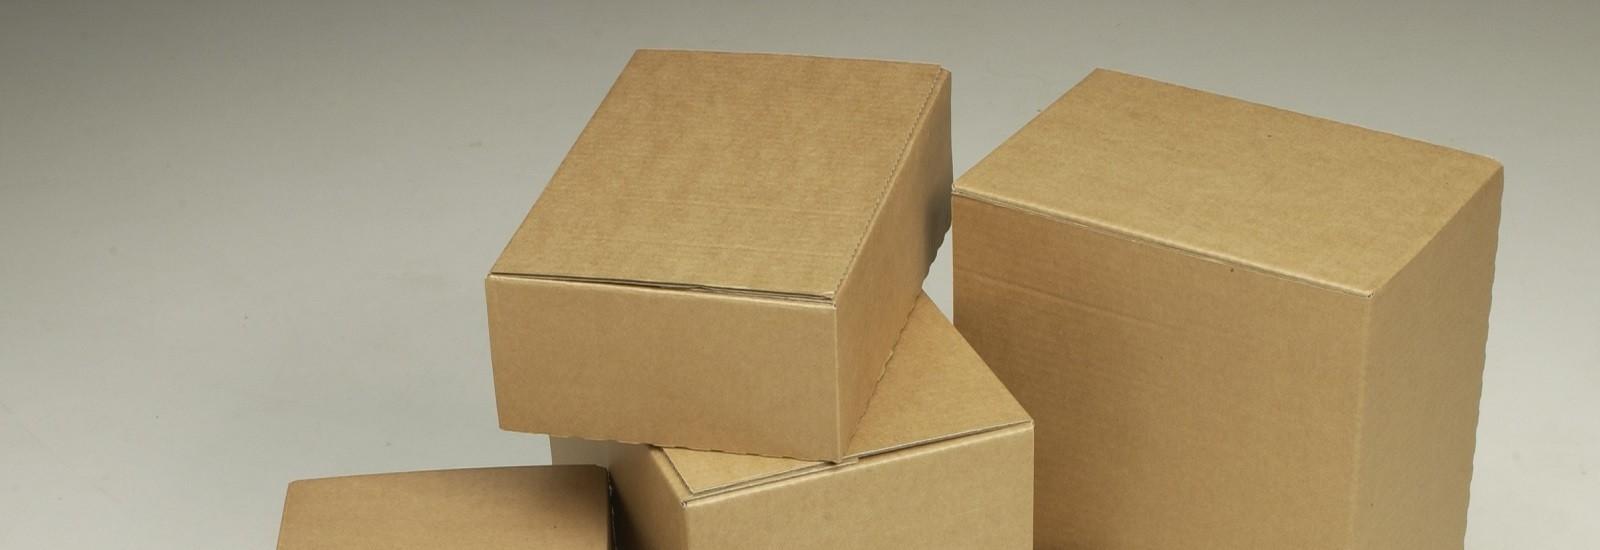 OpaOpakowania tekturowe sprzedaż lubelskie